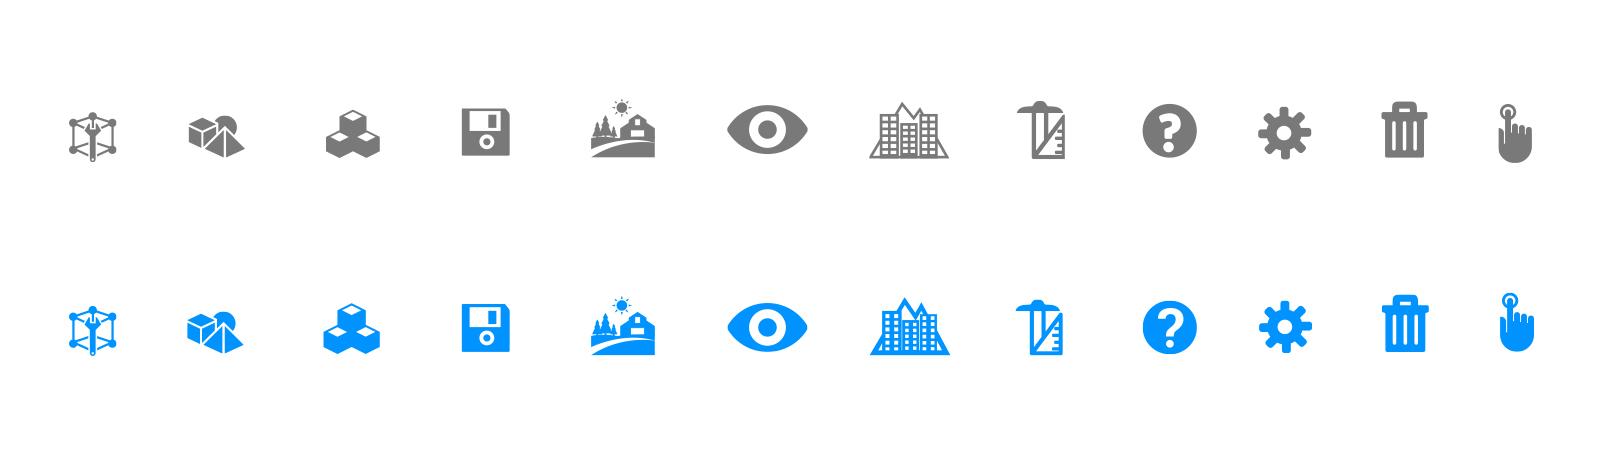 Icons-large